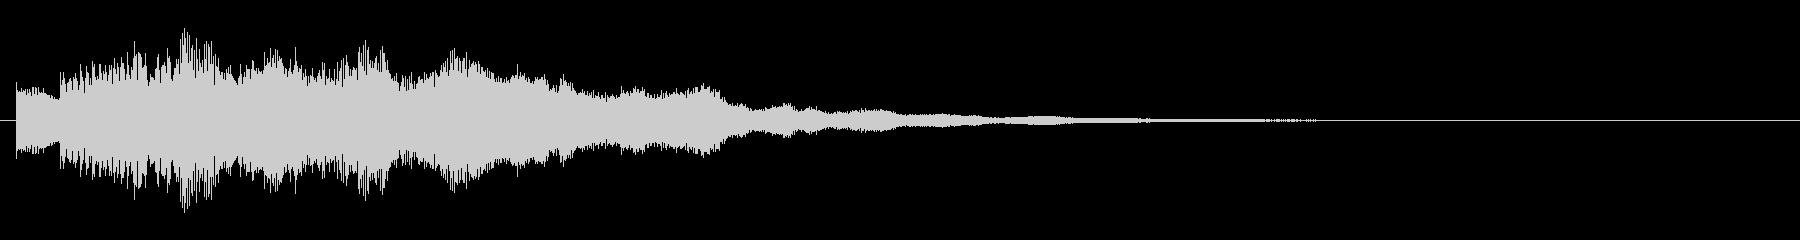 【ピロリン】決定音【アイテムゲット】の未再生の波形